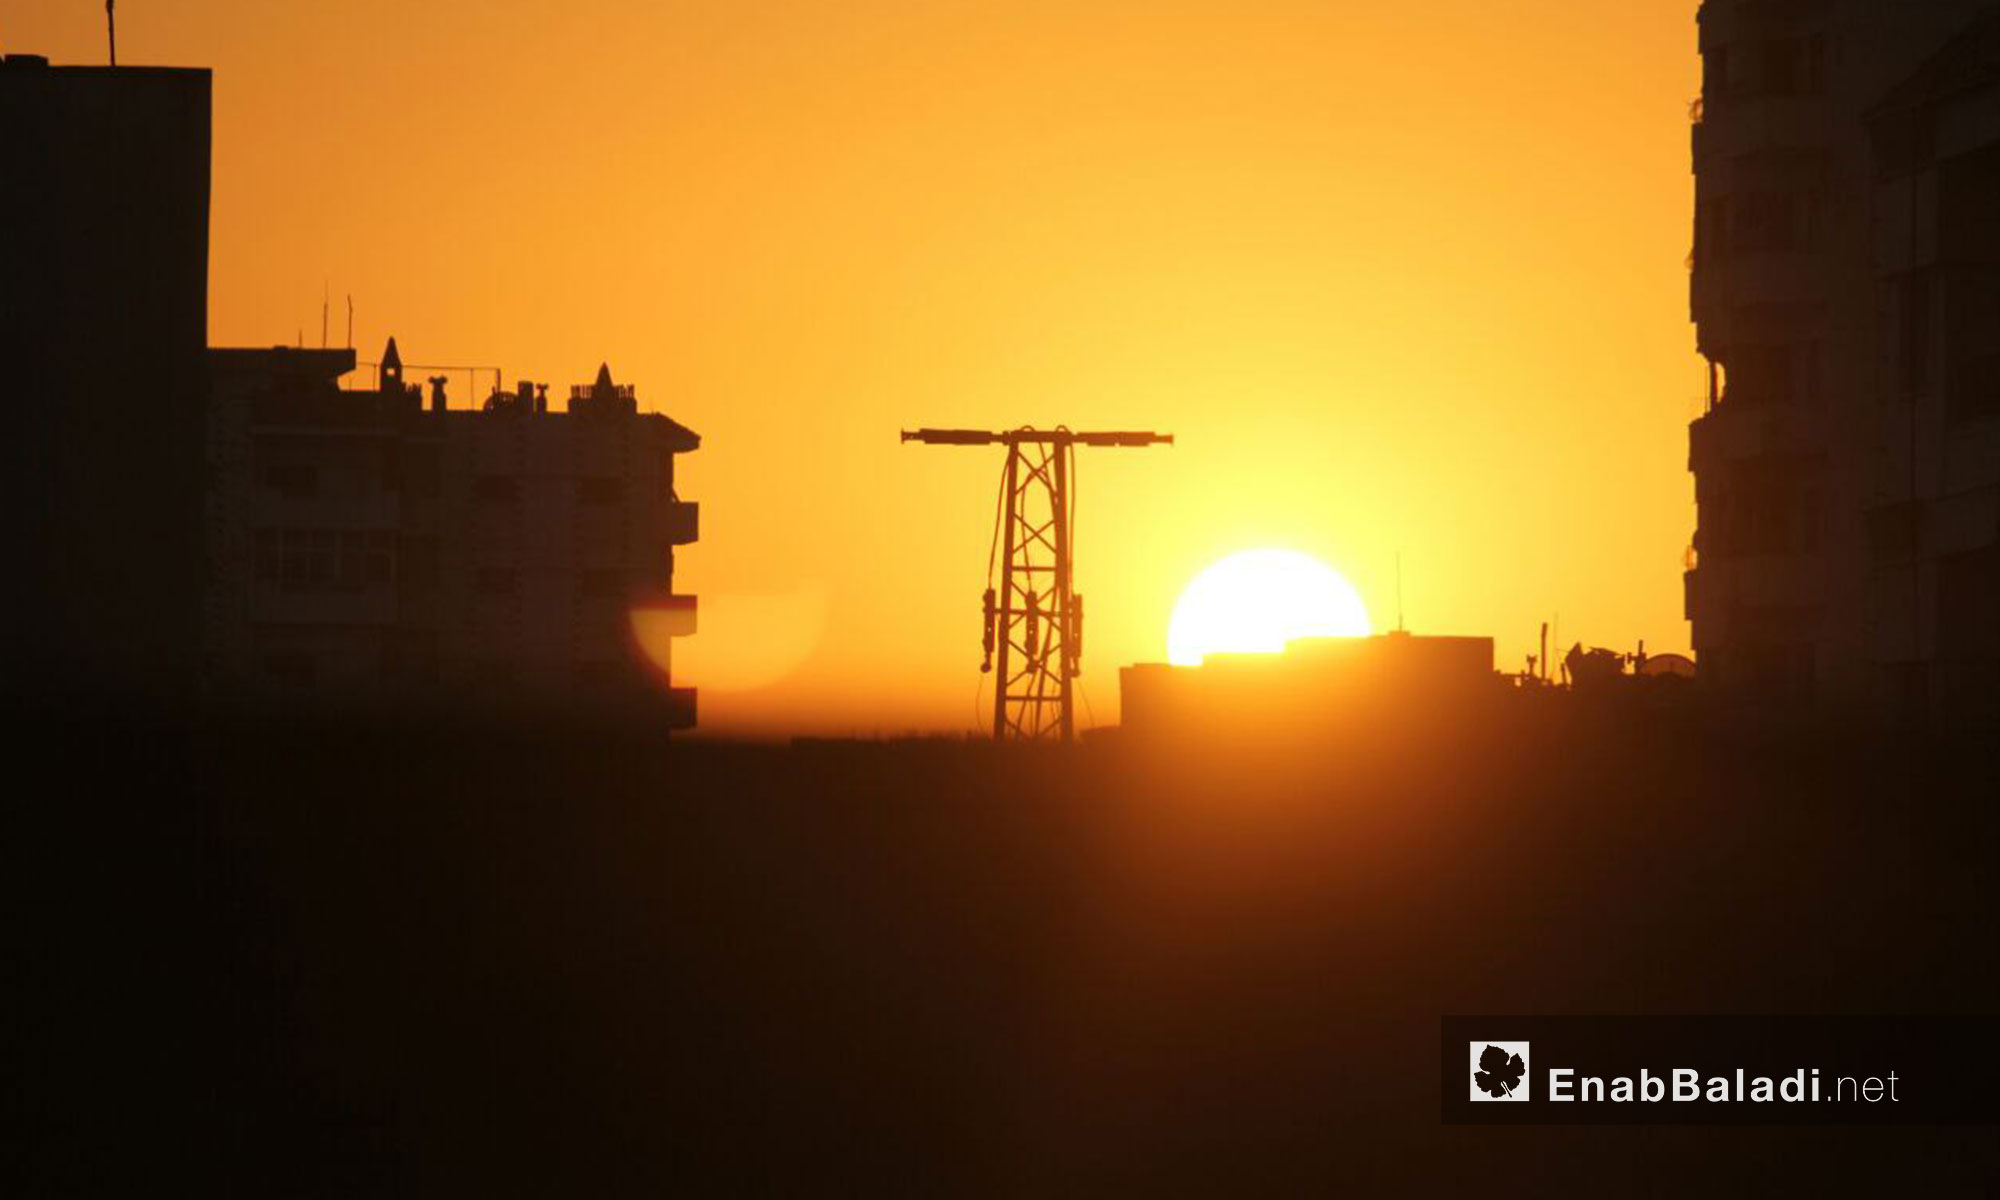 لحظات الغروب في حي الوعر مدينة حمص - 2 شباط 2017 (عنب بلدي)